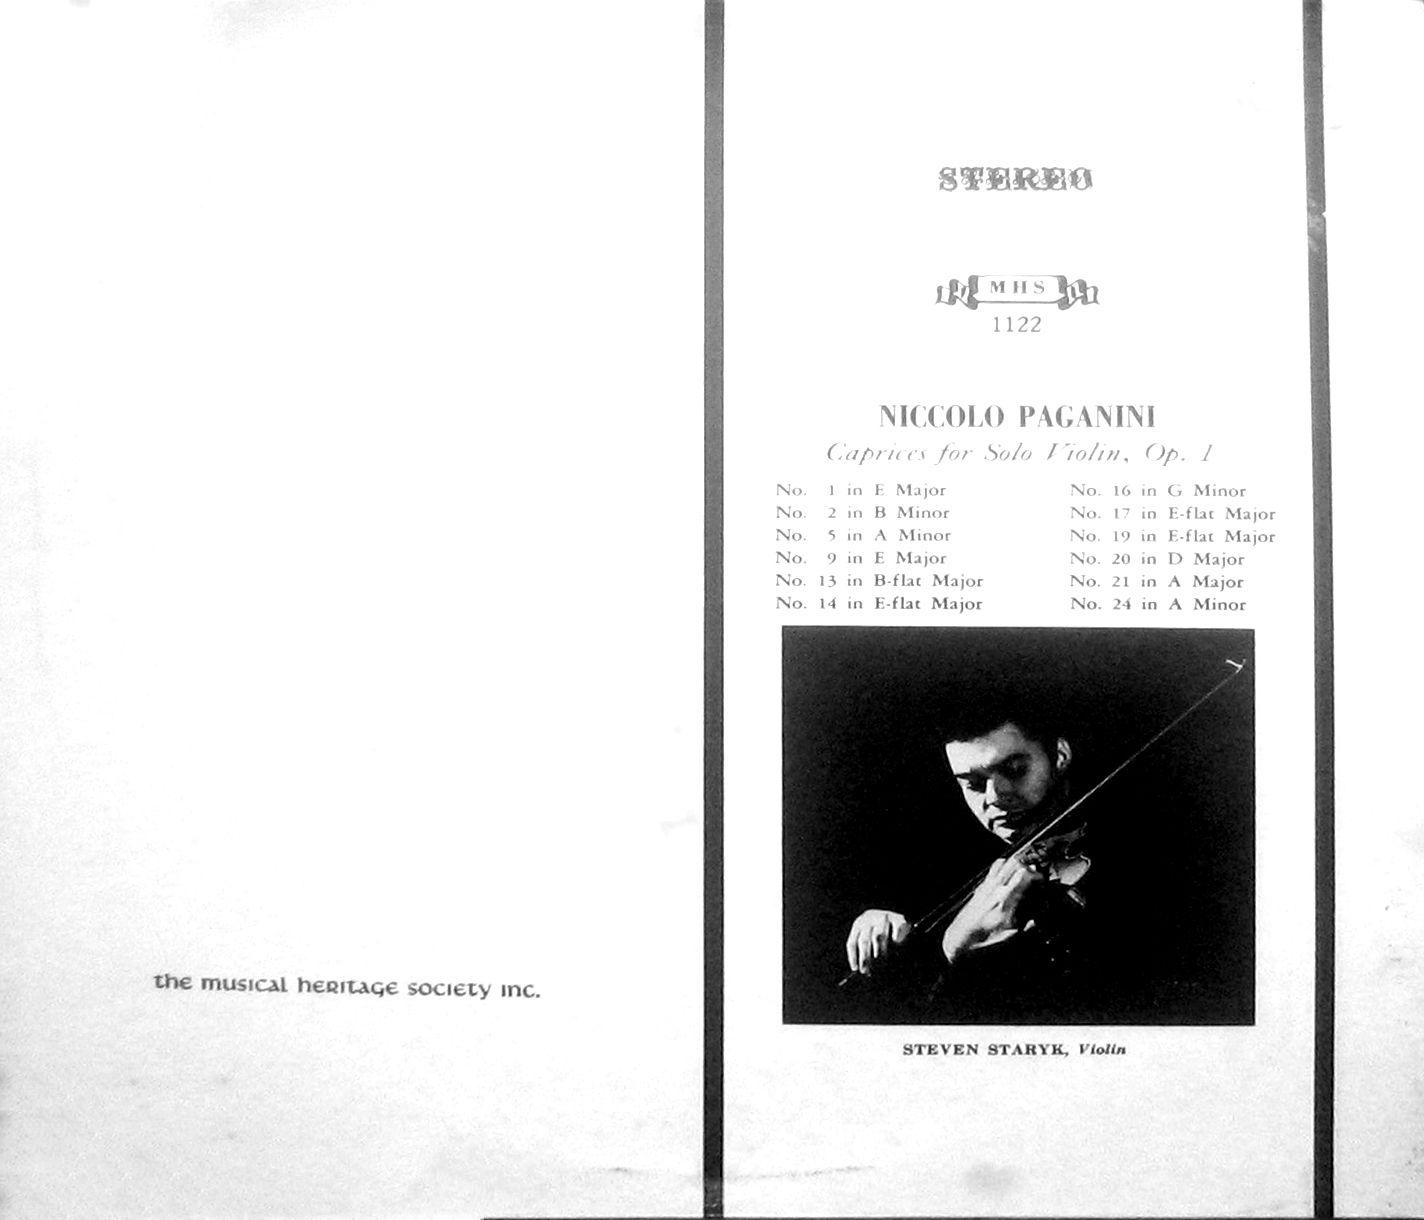 Niccolo Paganini - Caprices for Solo Violin, Op. 1